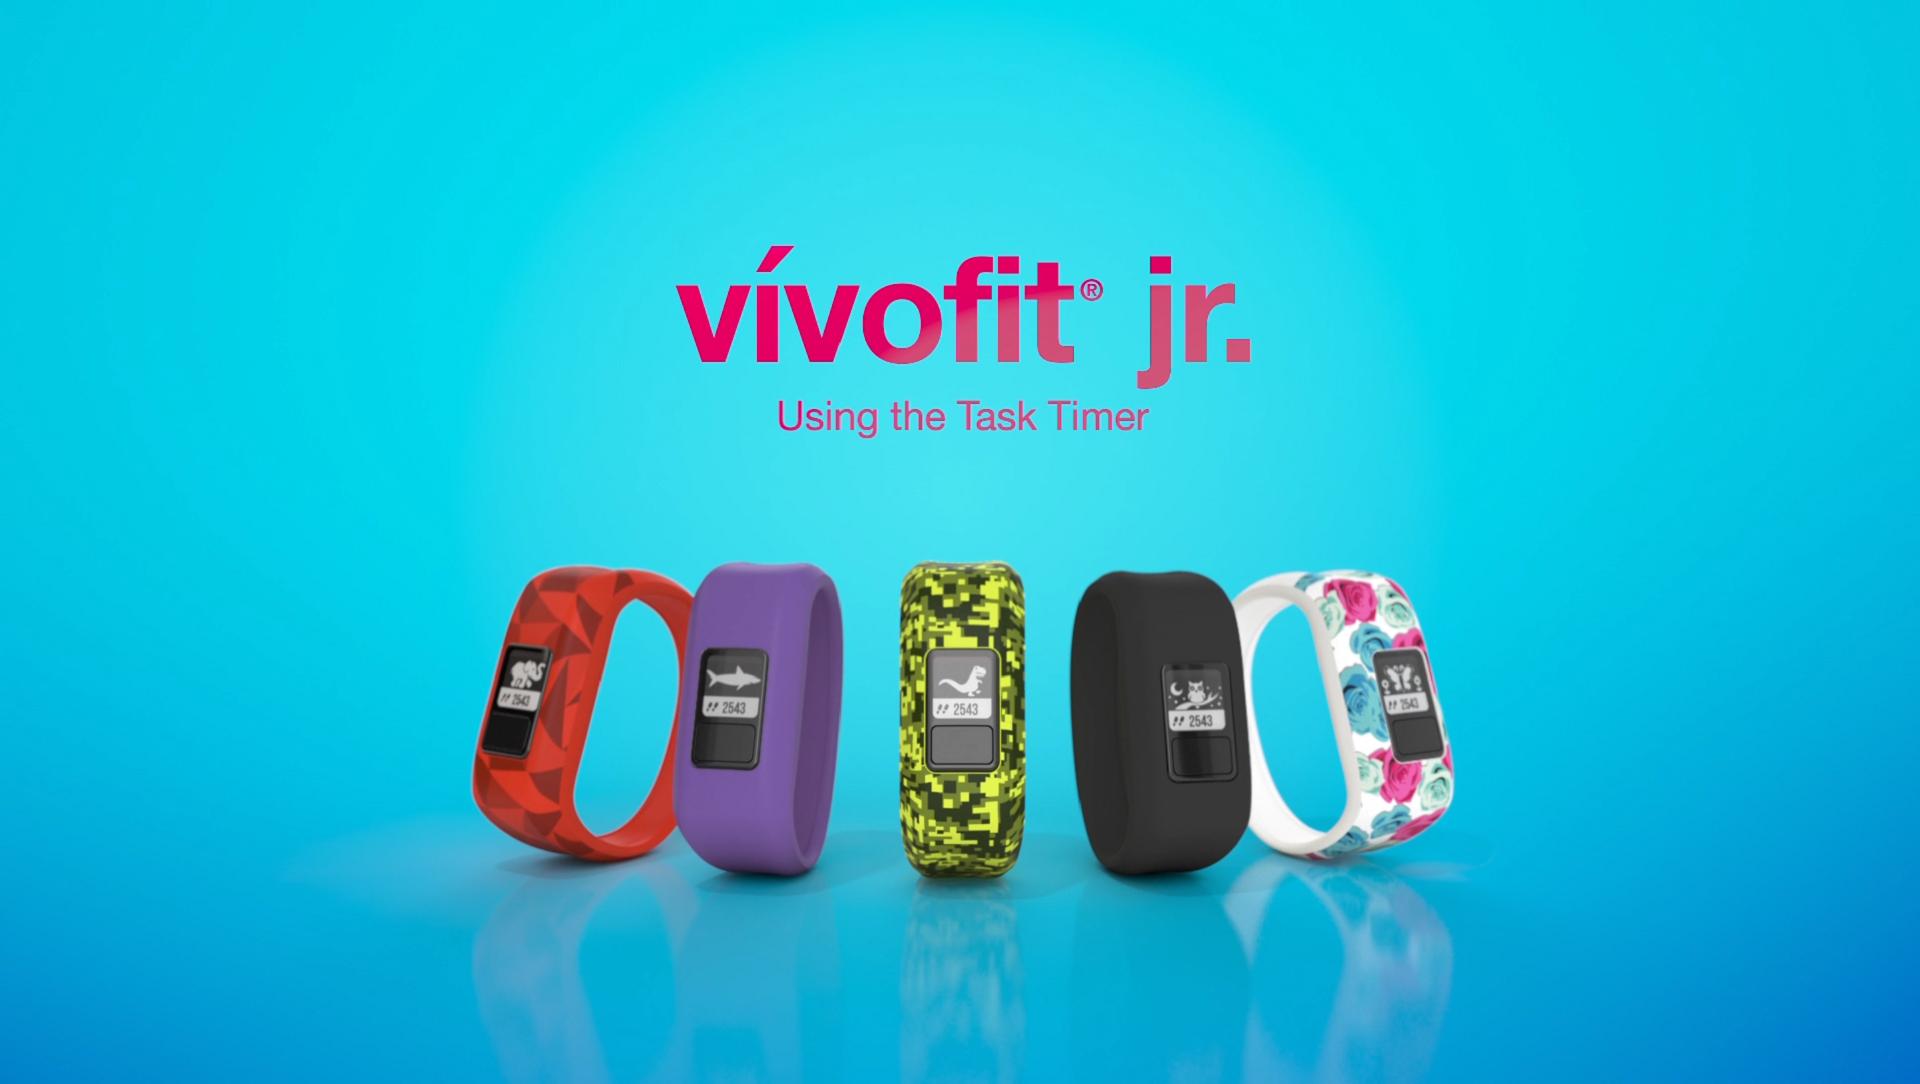 vivofit jr : Using the Task Timer